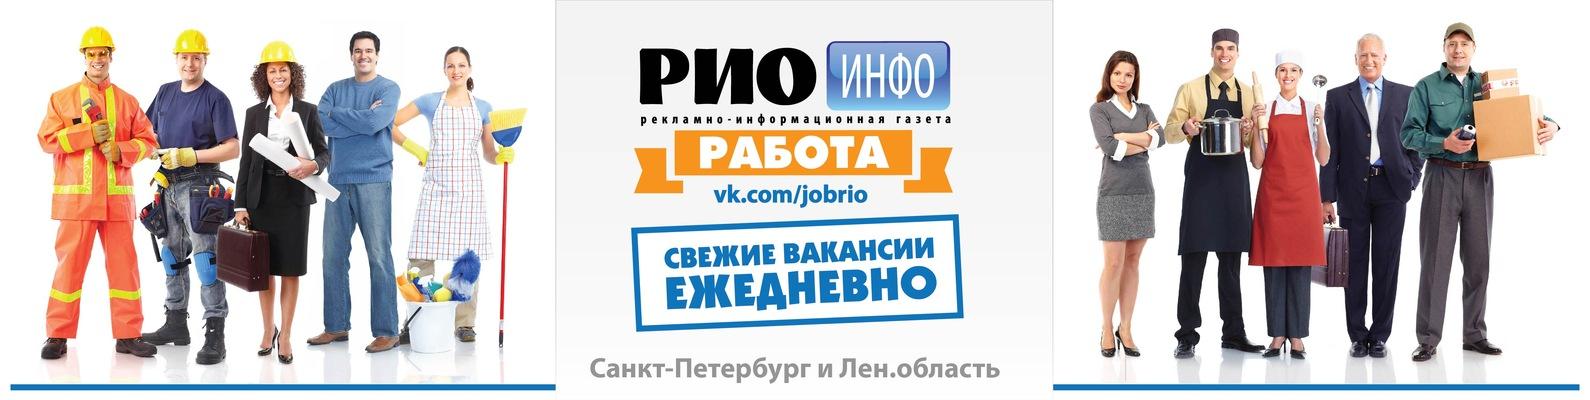 магазинов Роспотребнадзором вакансии работ в колпино